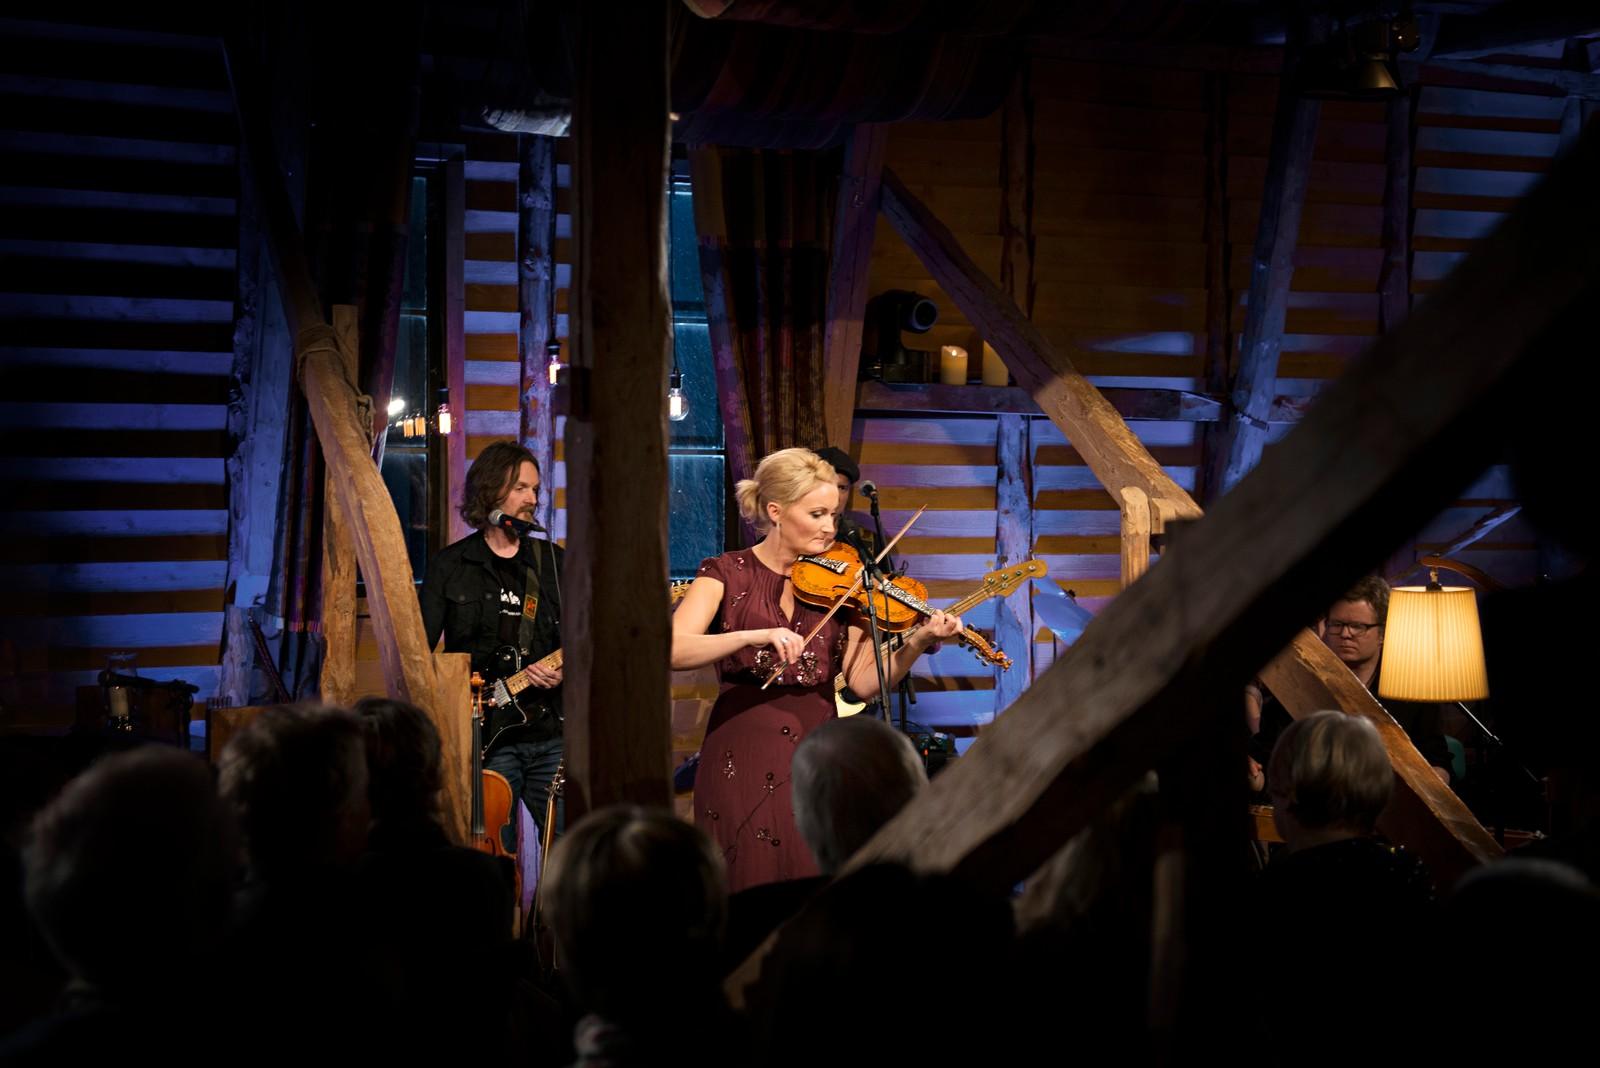 FELESPEL: Hardingfela til Sigrid vart flittig brukt under konserten.